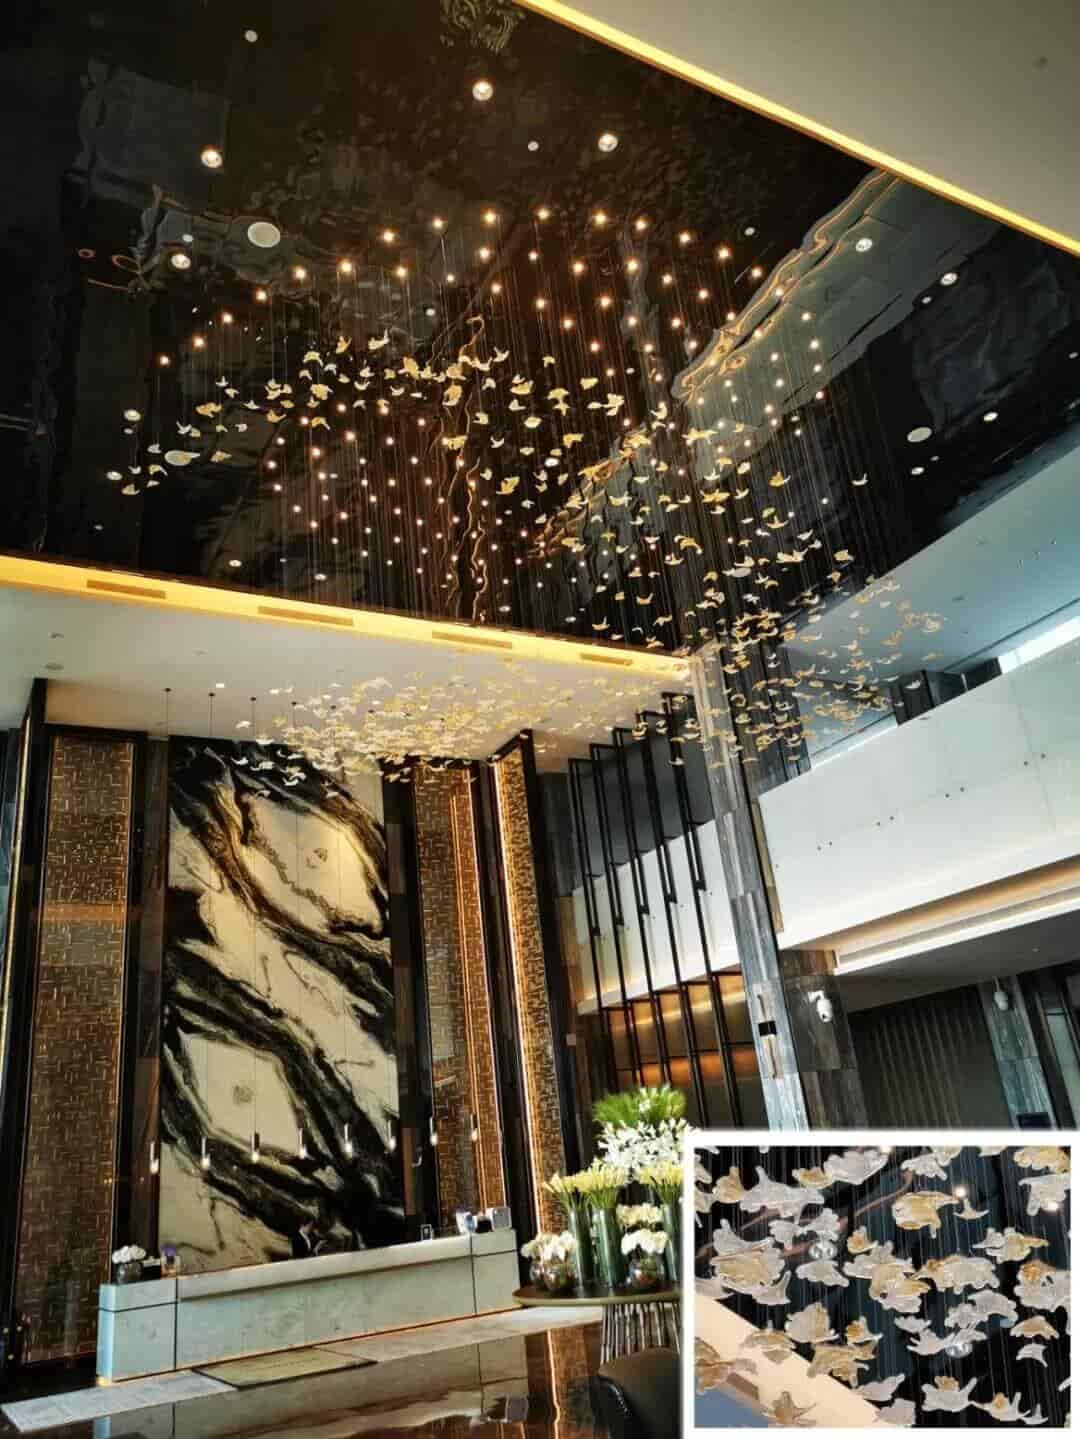 Goodlux custom pendant light for the lobby